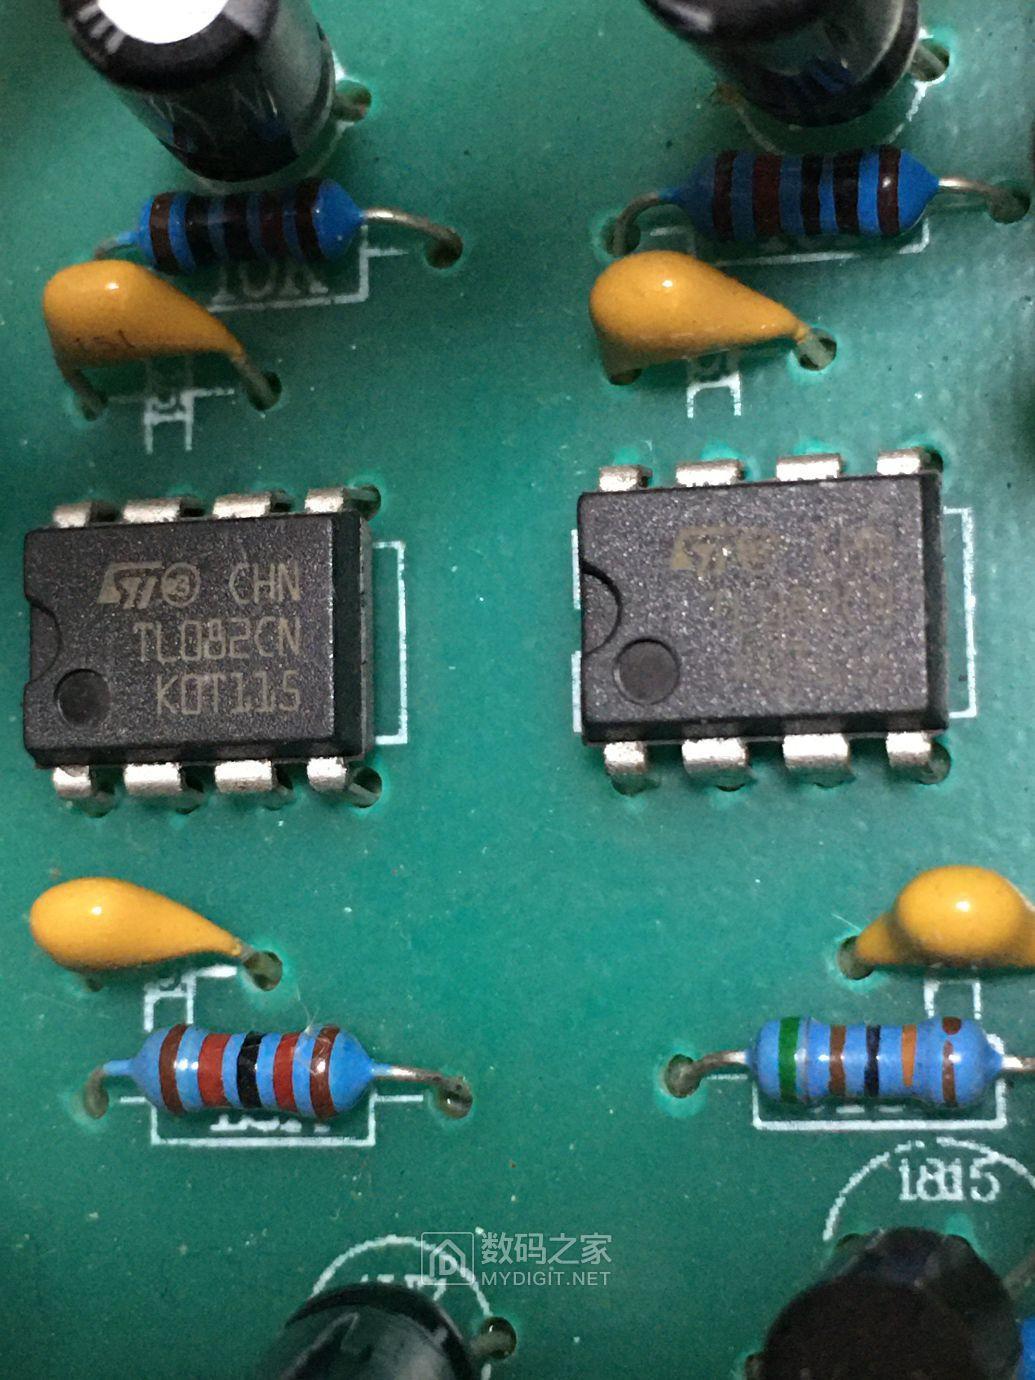 E9D9CC75-6539-43D2-A66D-BA2B4E17A7DB.jpeg